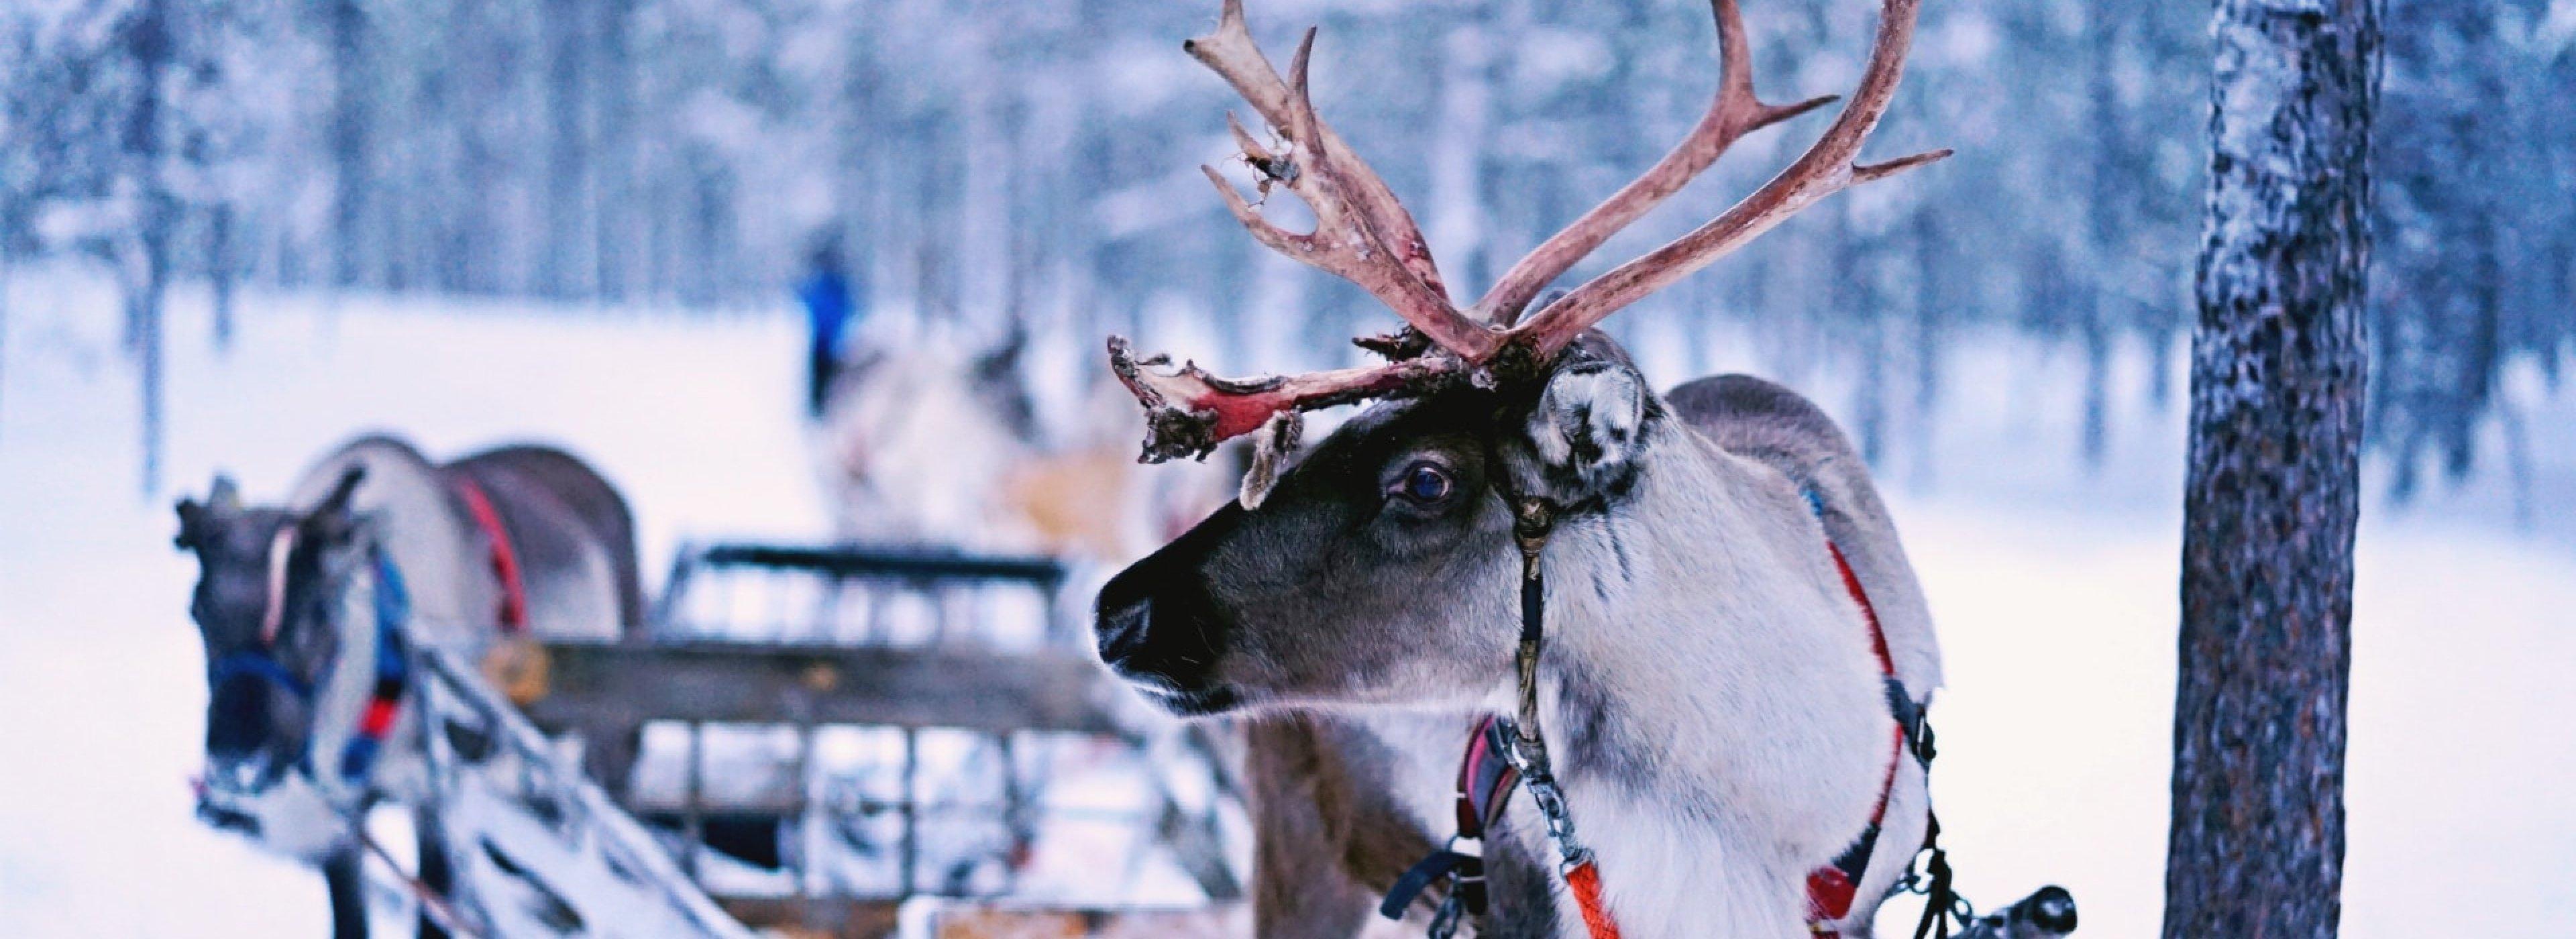 Lapland Region